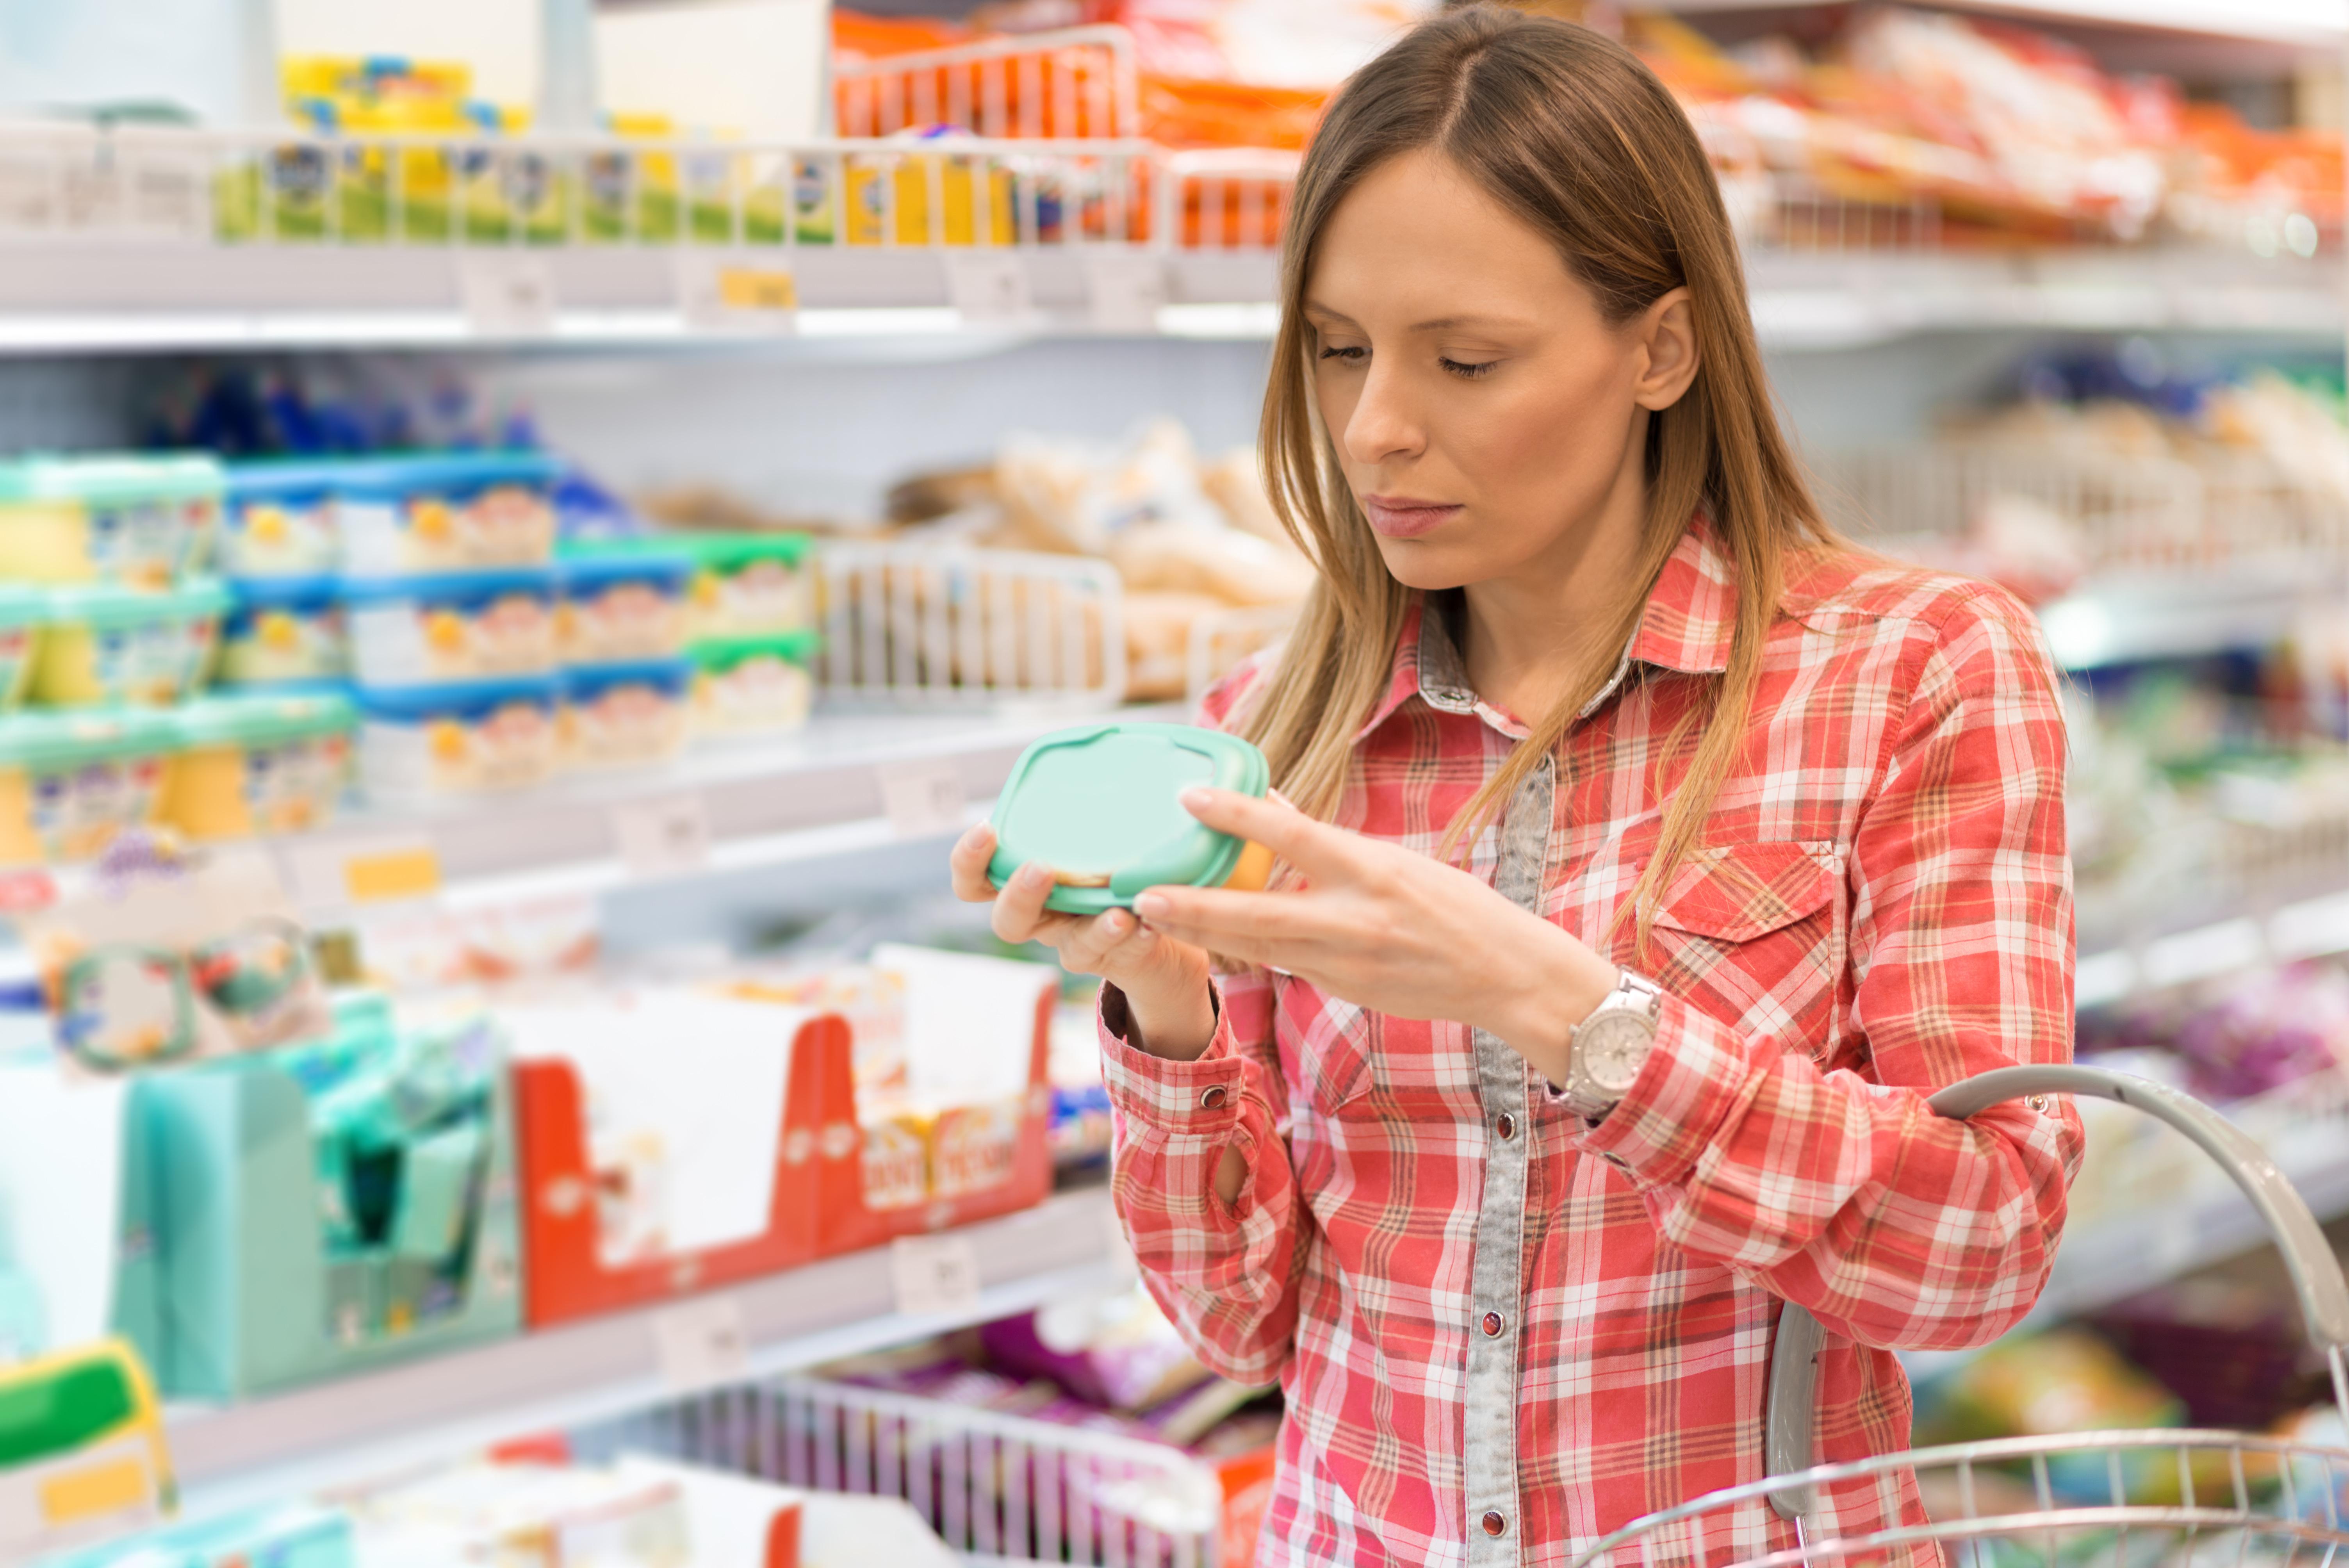 Mujer en el supermercado leyendo la etiqueta de un producto